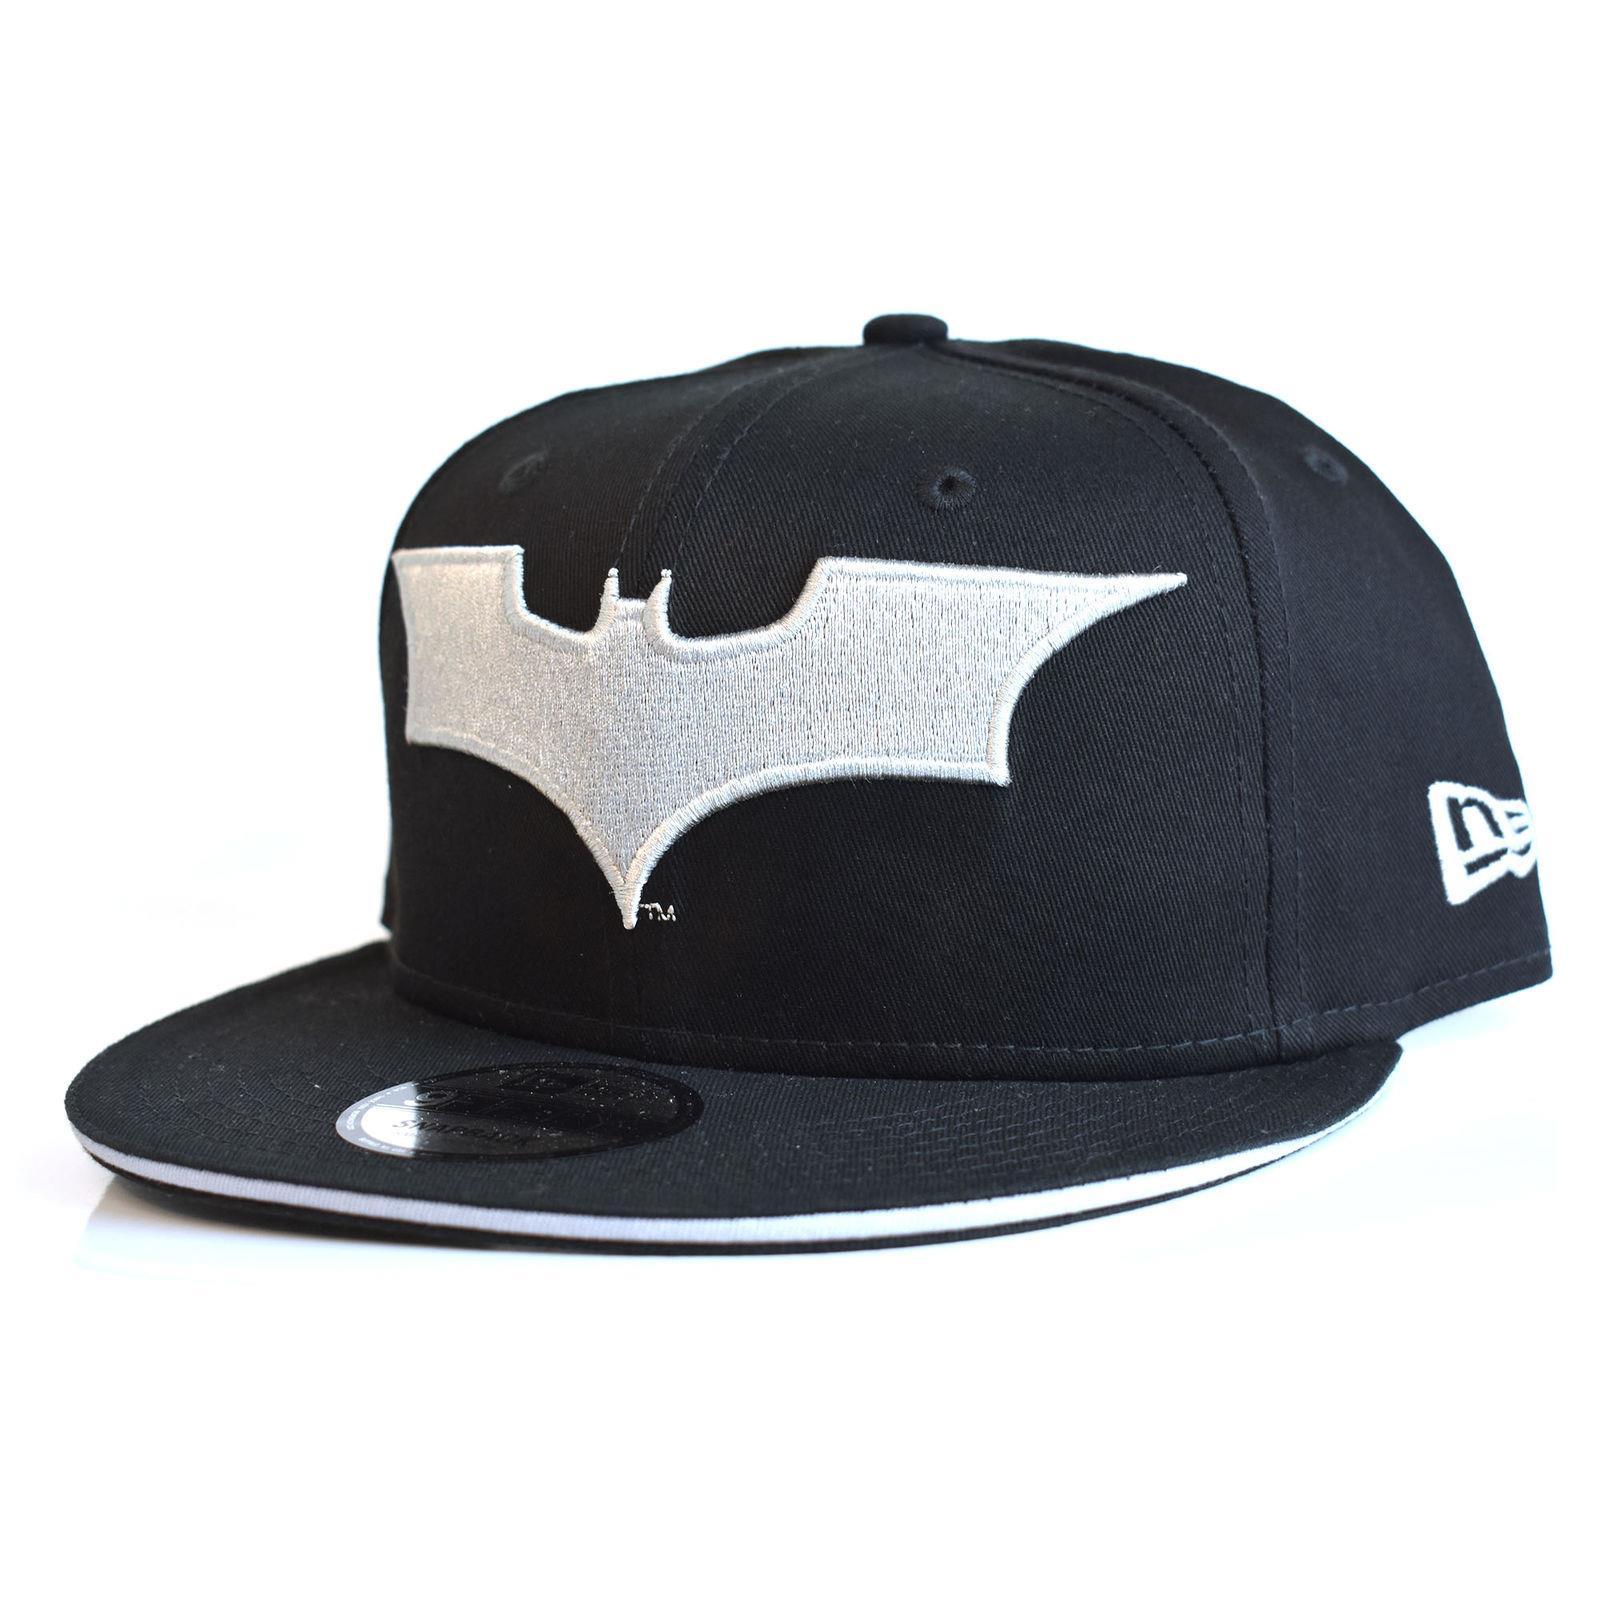 New Era Batman 9FIFTY CAPPELLINO CON VISIERA NERO  ffaa737fc6f8